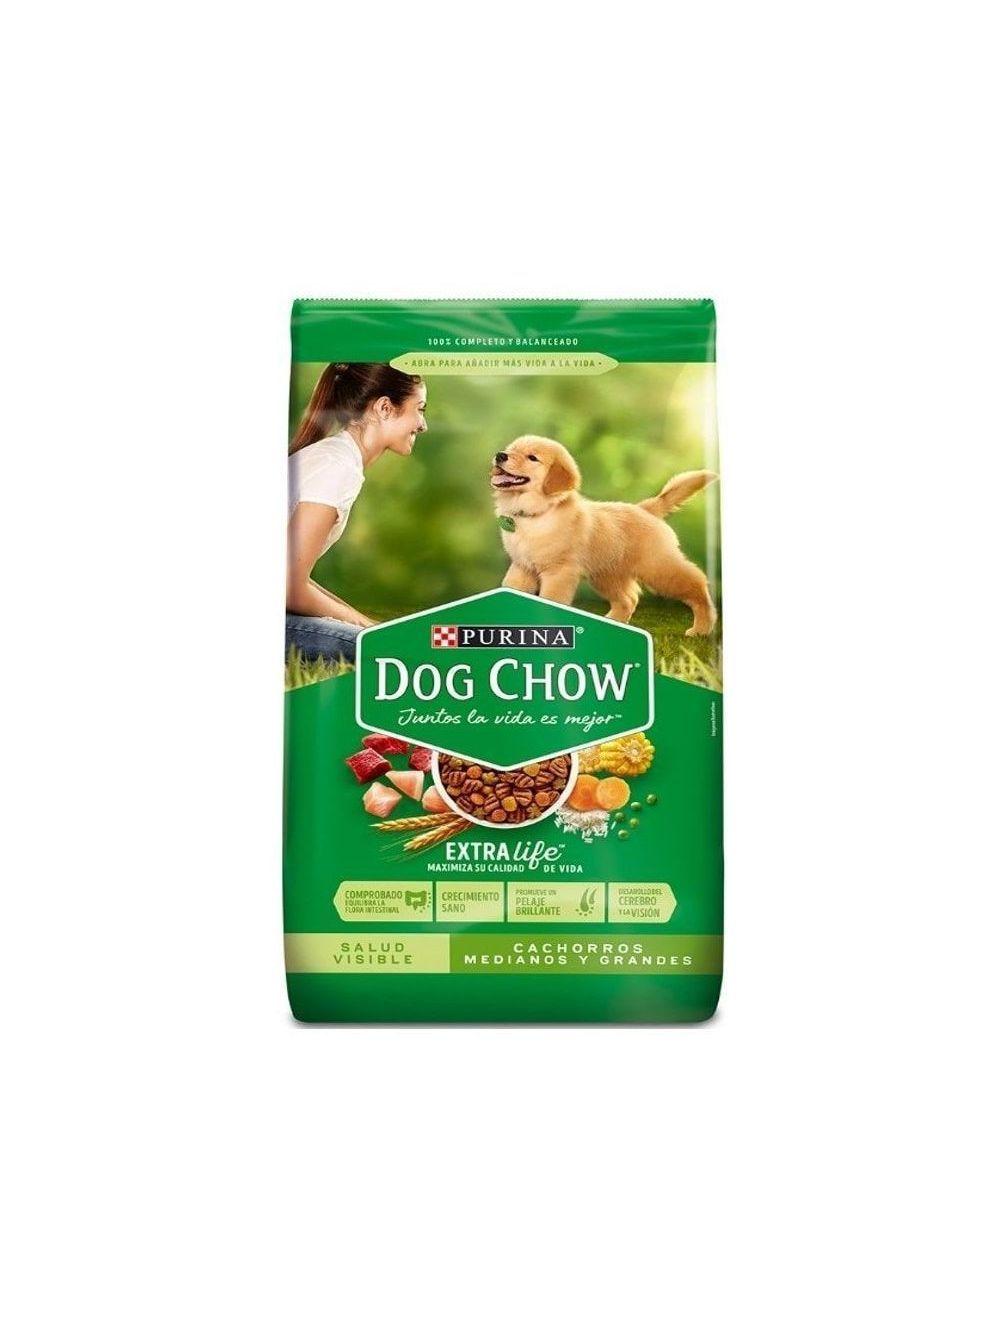 Comida Dog Chow® Salud Visible Cachorros - ciudaddemascotas.com